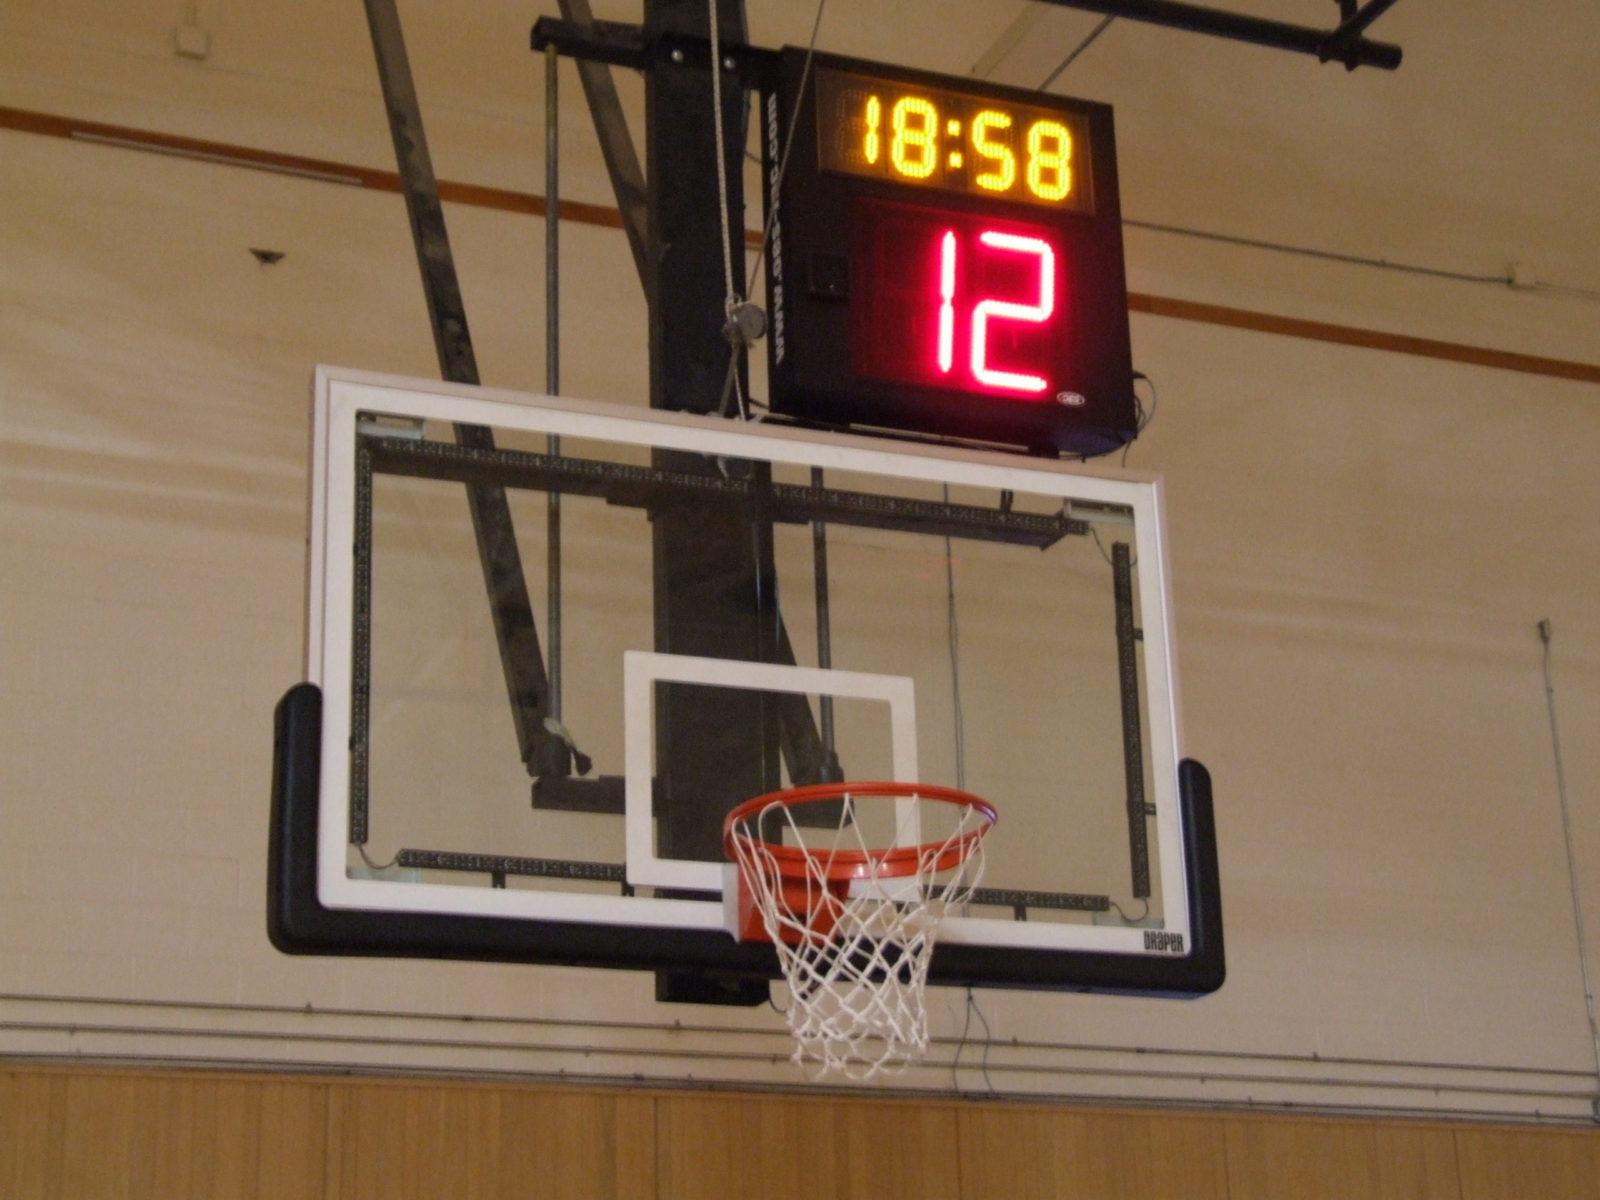 A shot clock above an indoor basketball net.